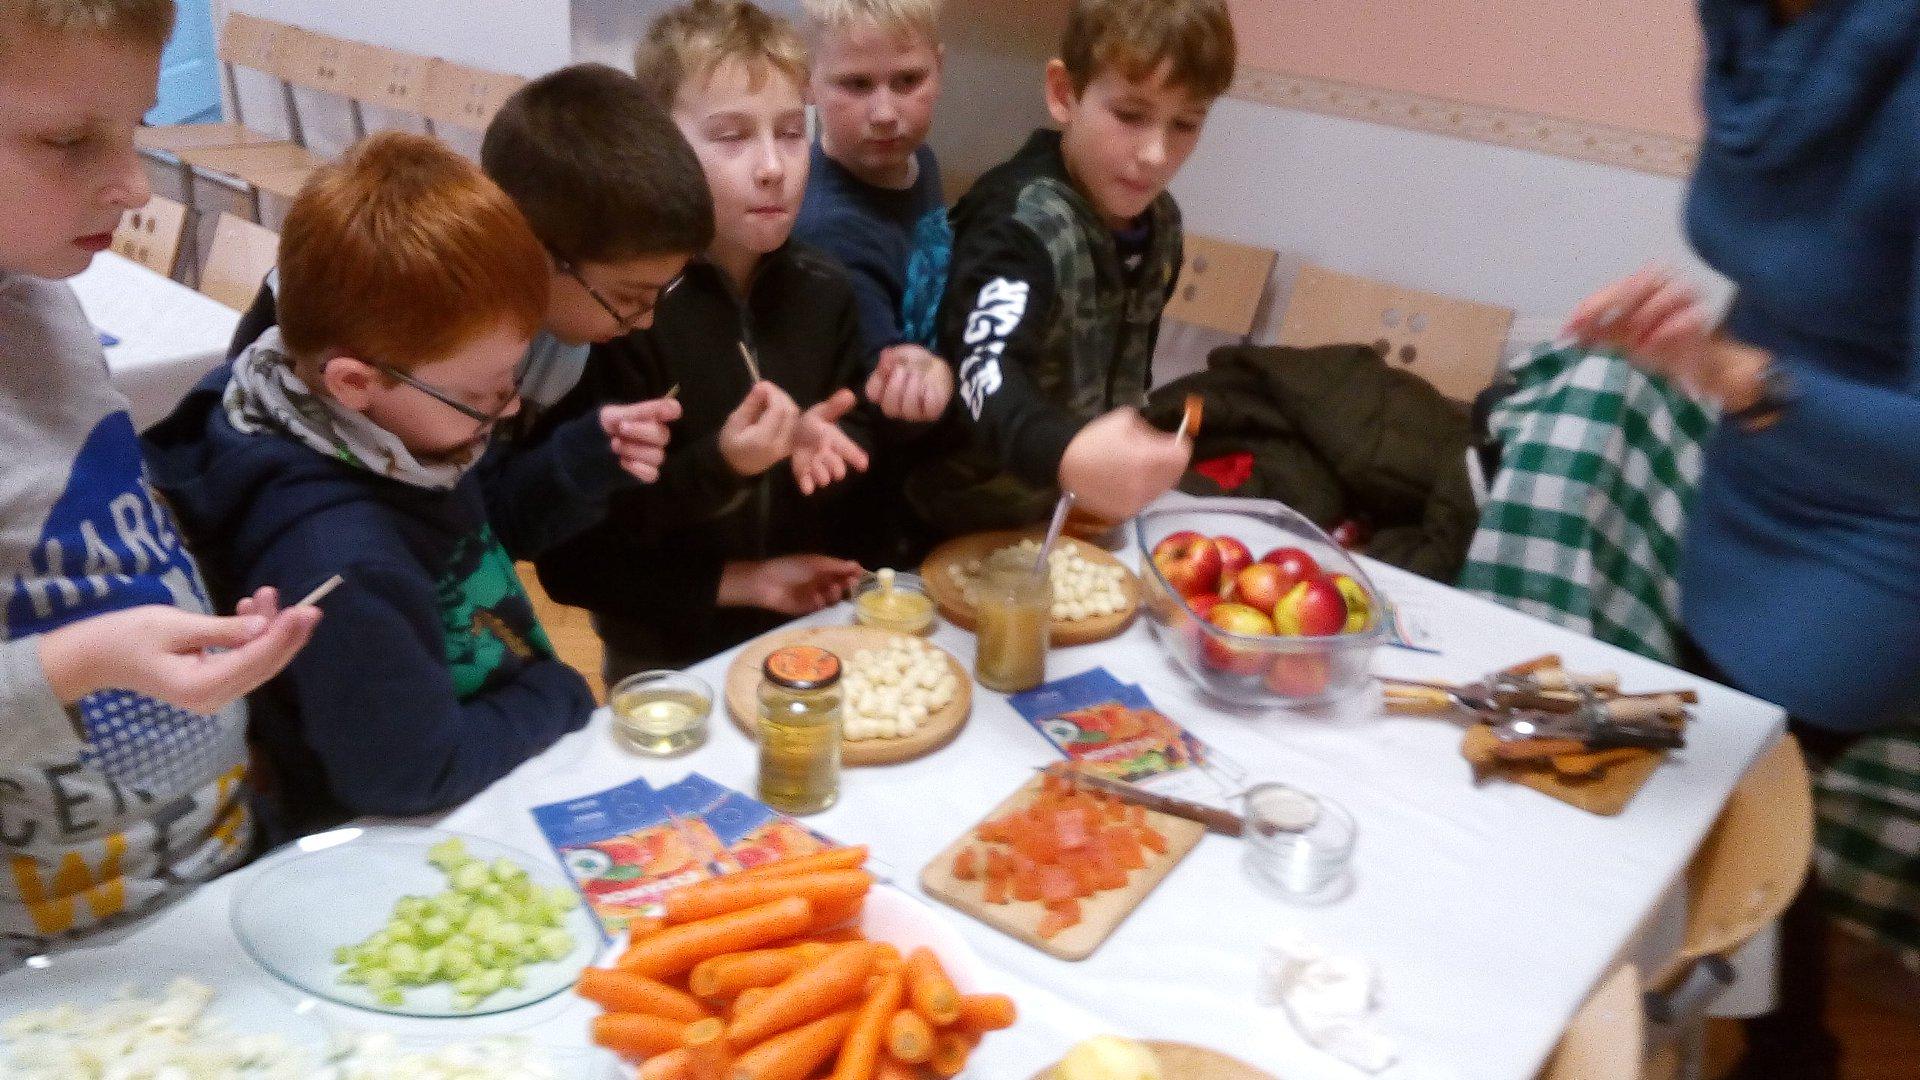 Menő menza program a szirmabesenyői általános iskolában